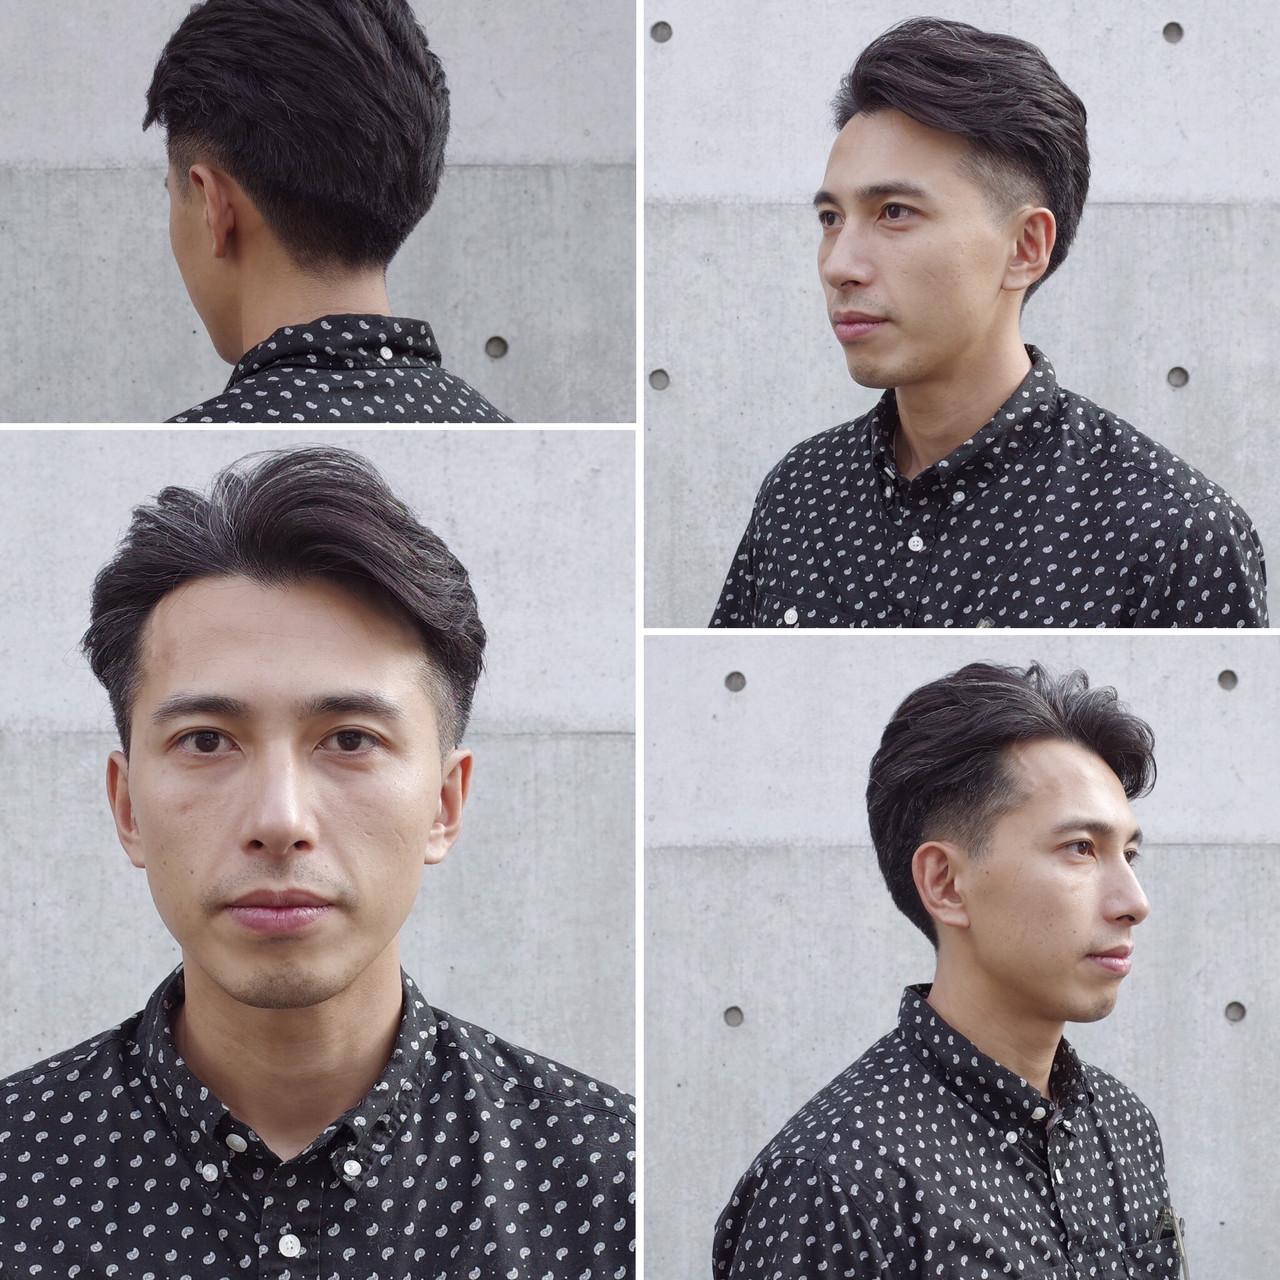 ツーブロック メンズ メンズショート ナチュラルヘアスタイルや髪型の写真・画像